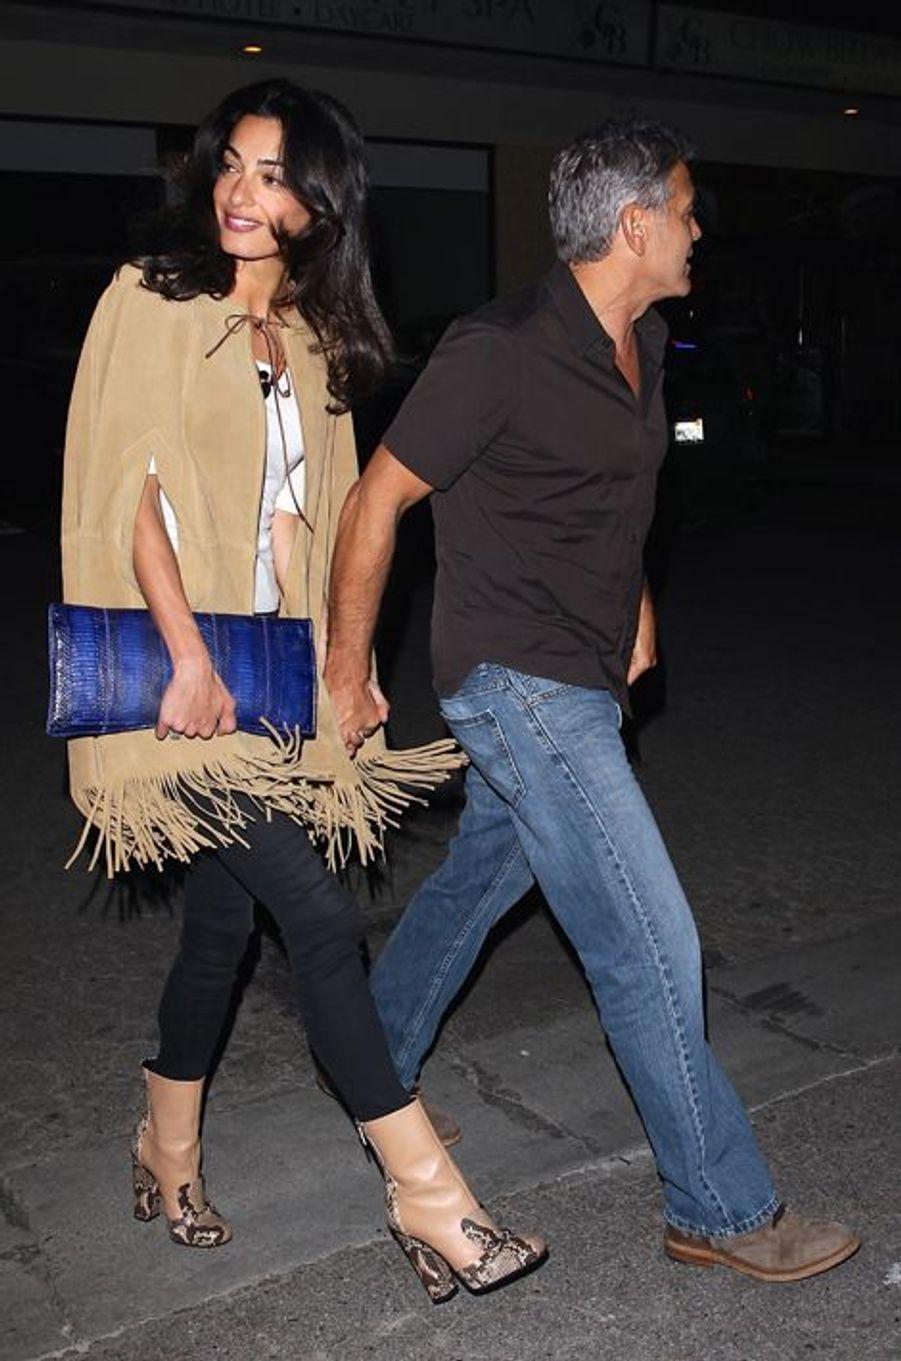 Avec son mari pour une sortie entre amis, Amal Clooney avait revêtu une cape Yves Saint Laurent (3.070 euros), une paire de bottines Gucci (1.495 euros) et un collier Akong London (445 euros). Prix total de la tenue : 5.010 euros.